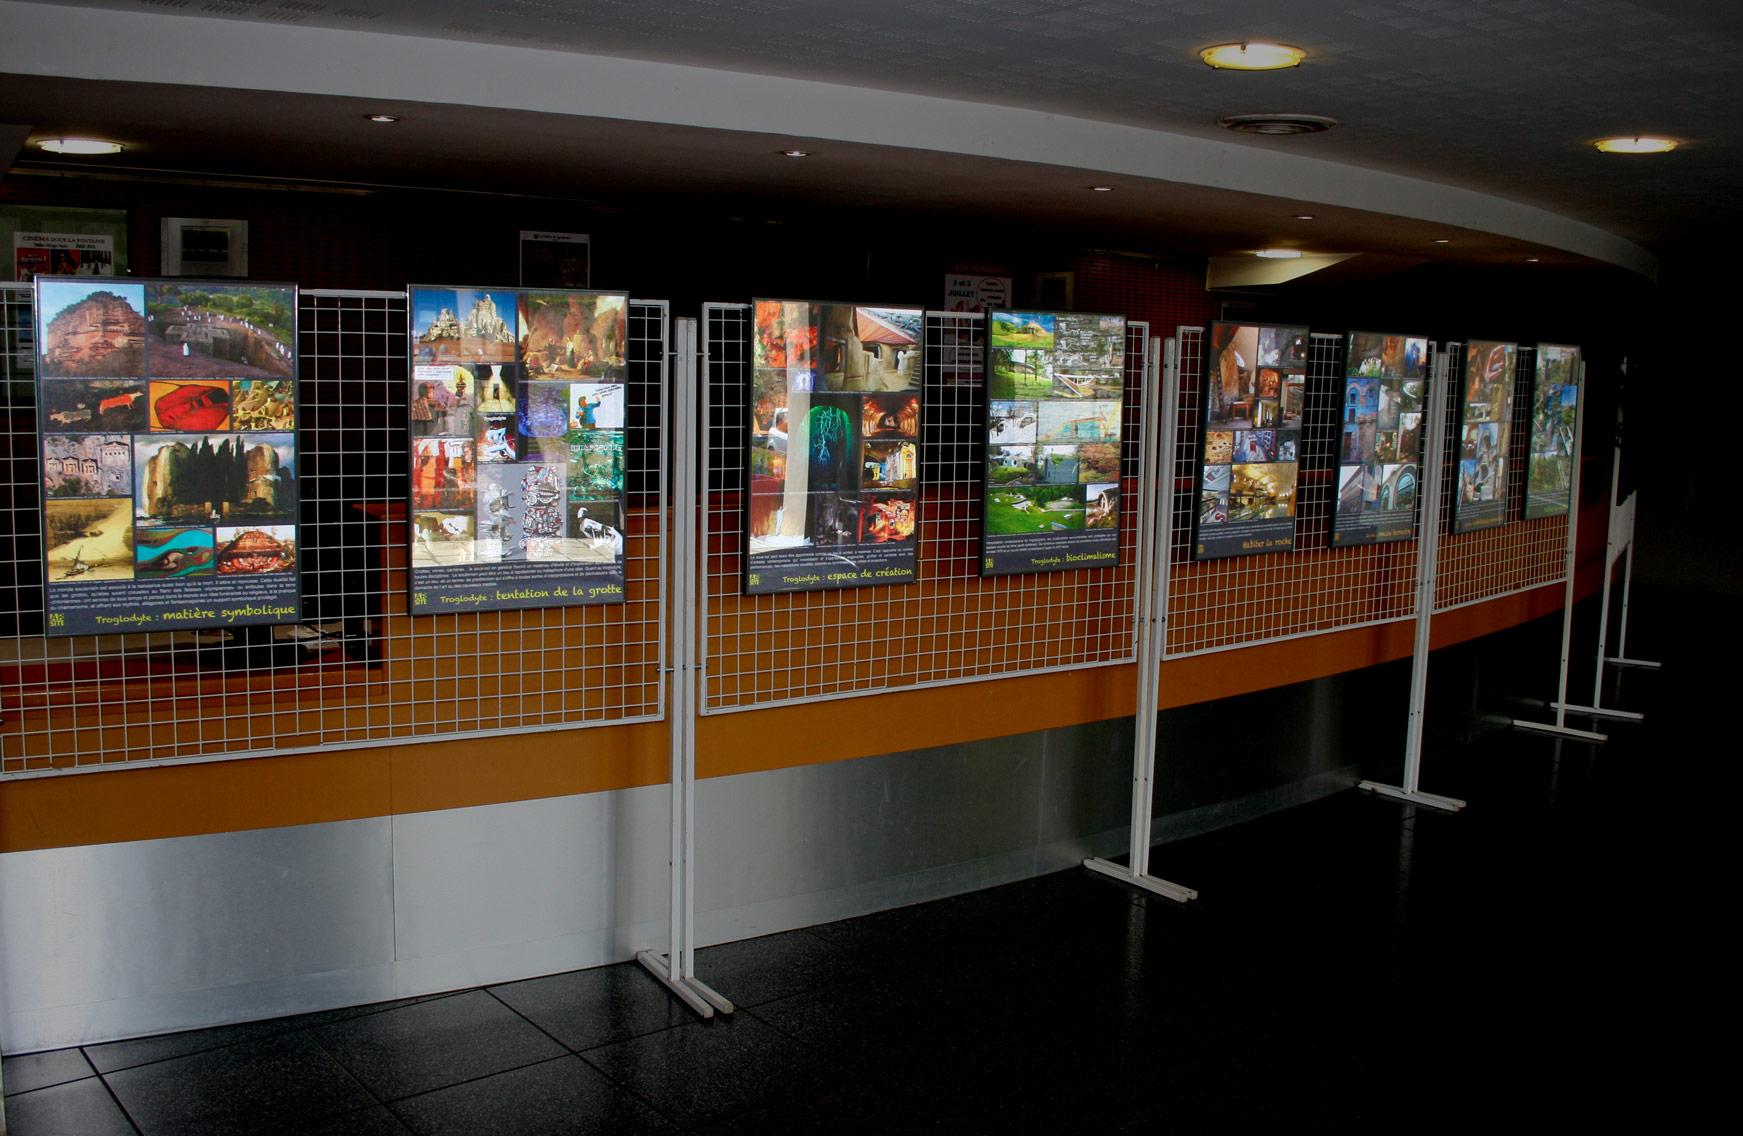 Les panneaux d'exposition